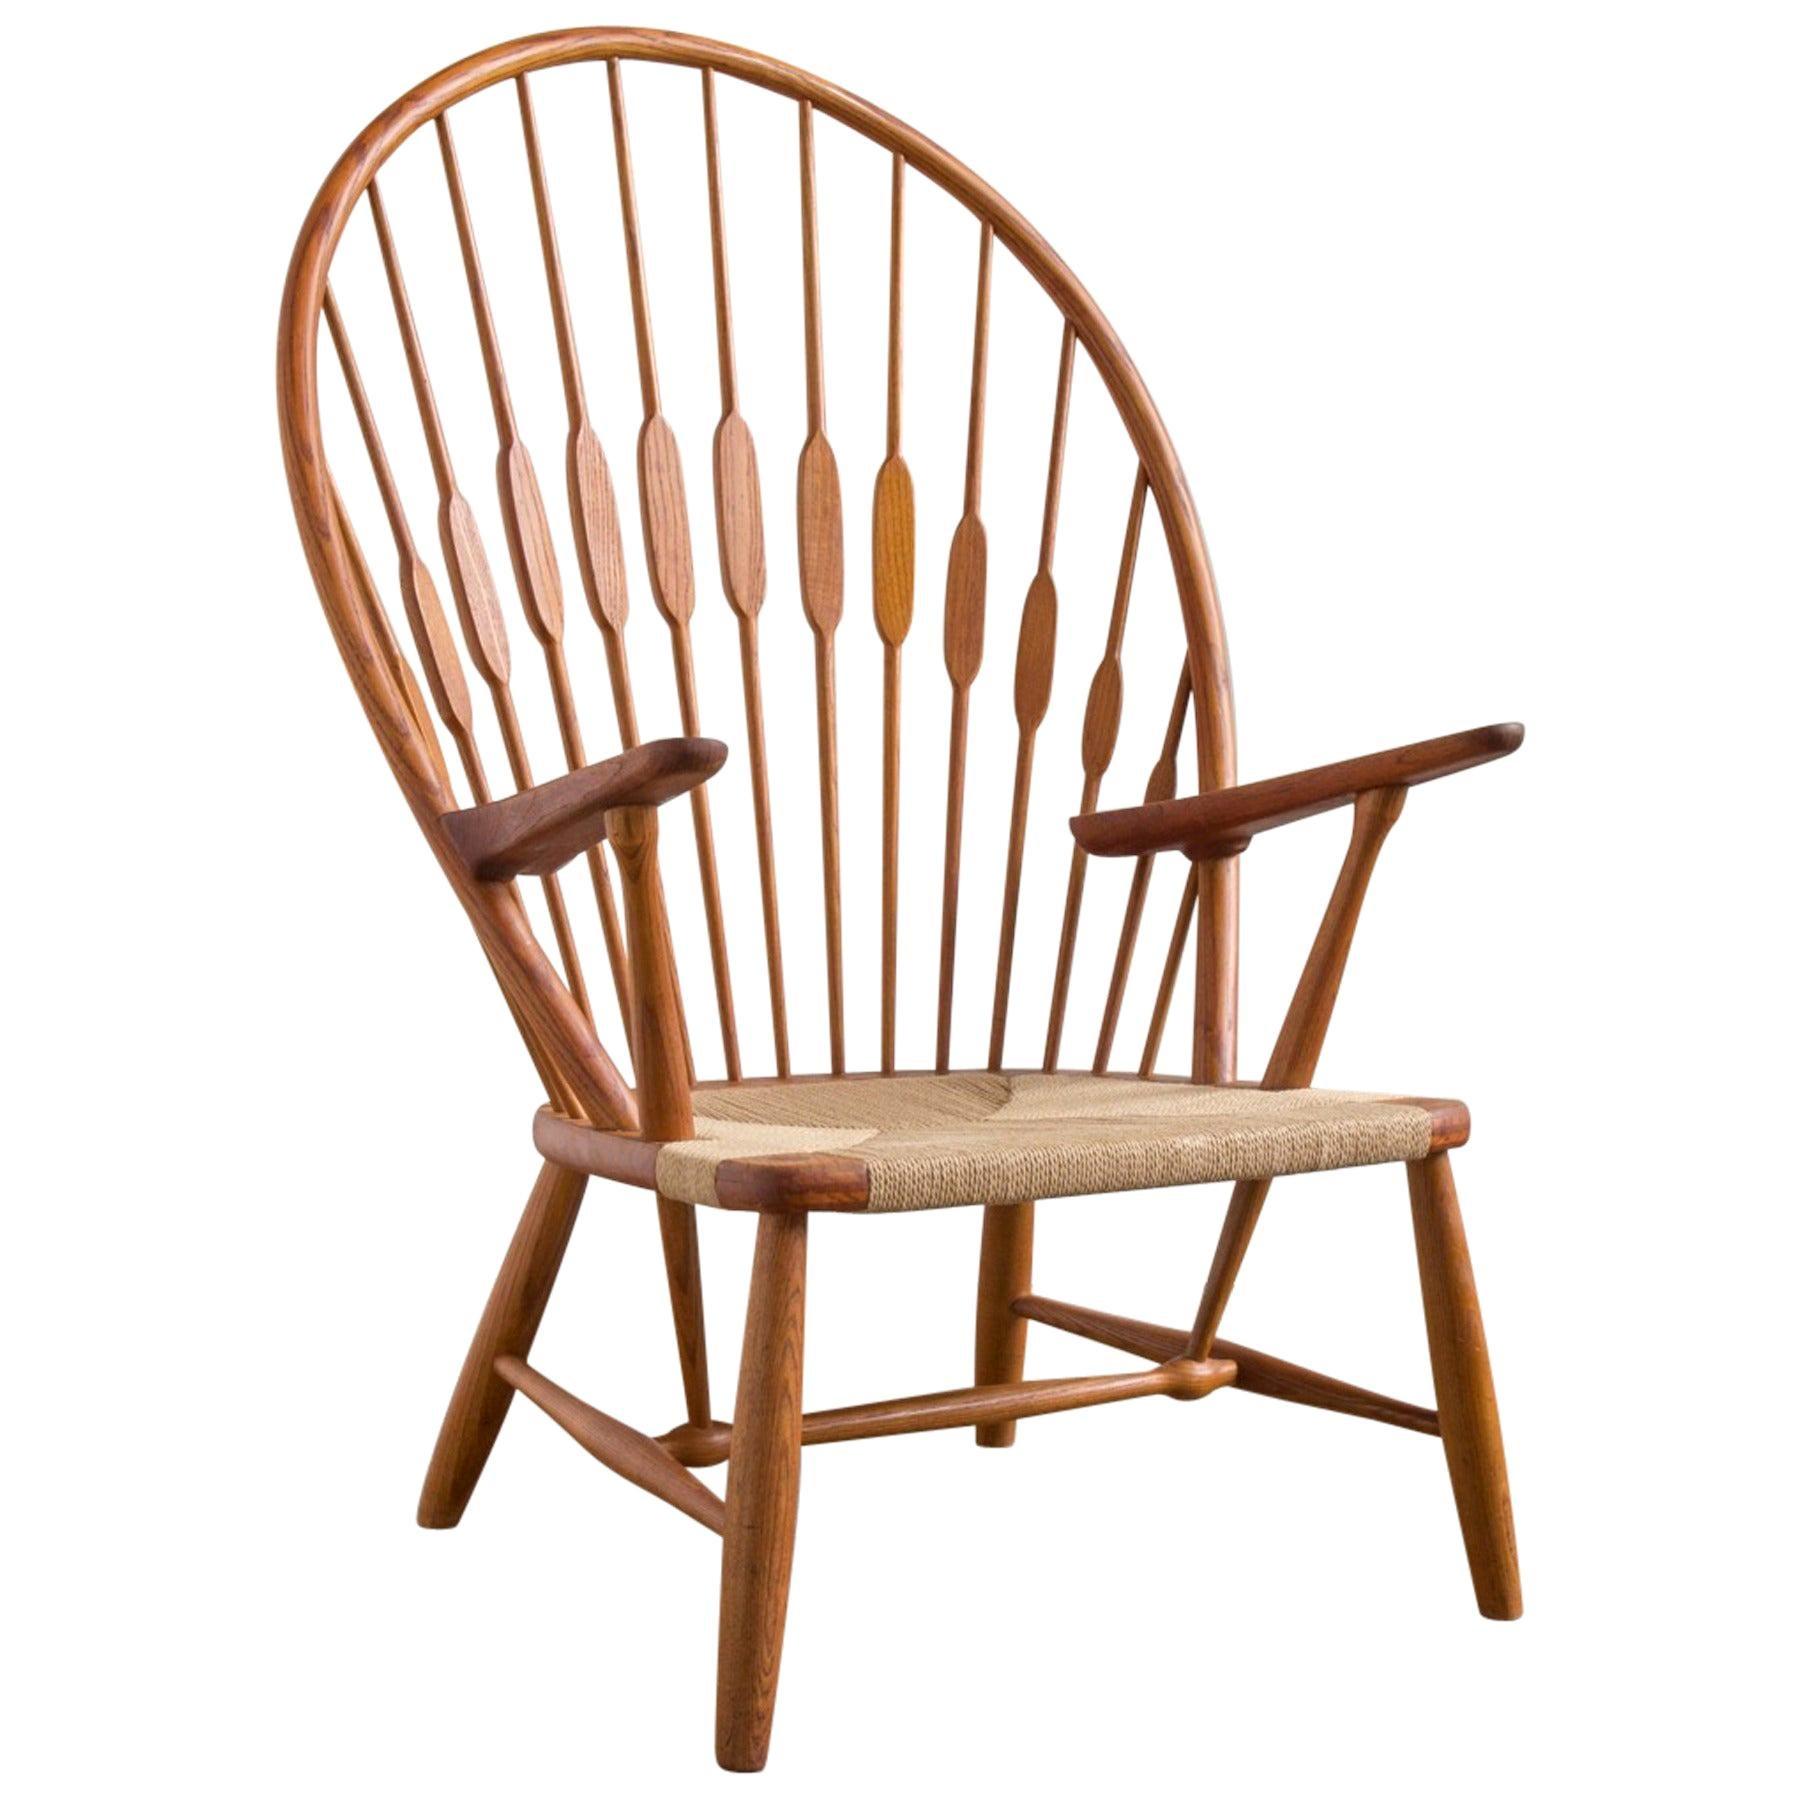 Hans J. Wegner Model JH 550 Peacock Chair